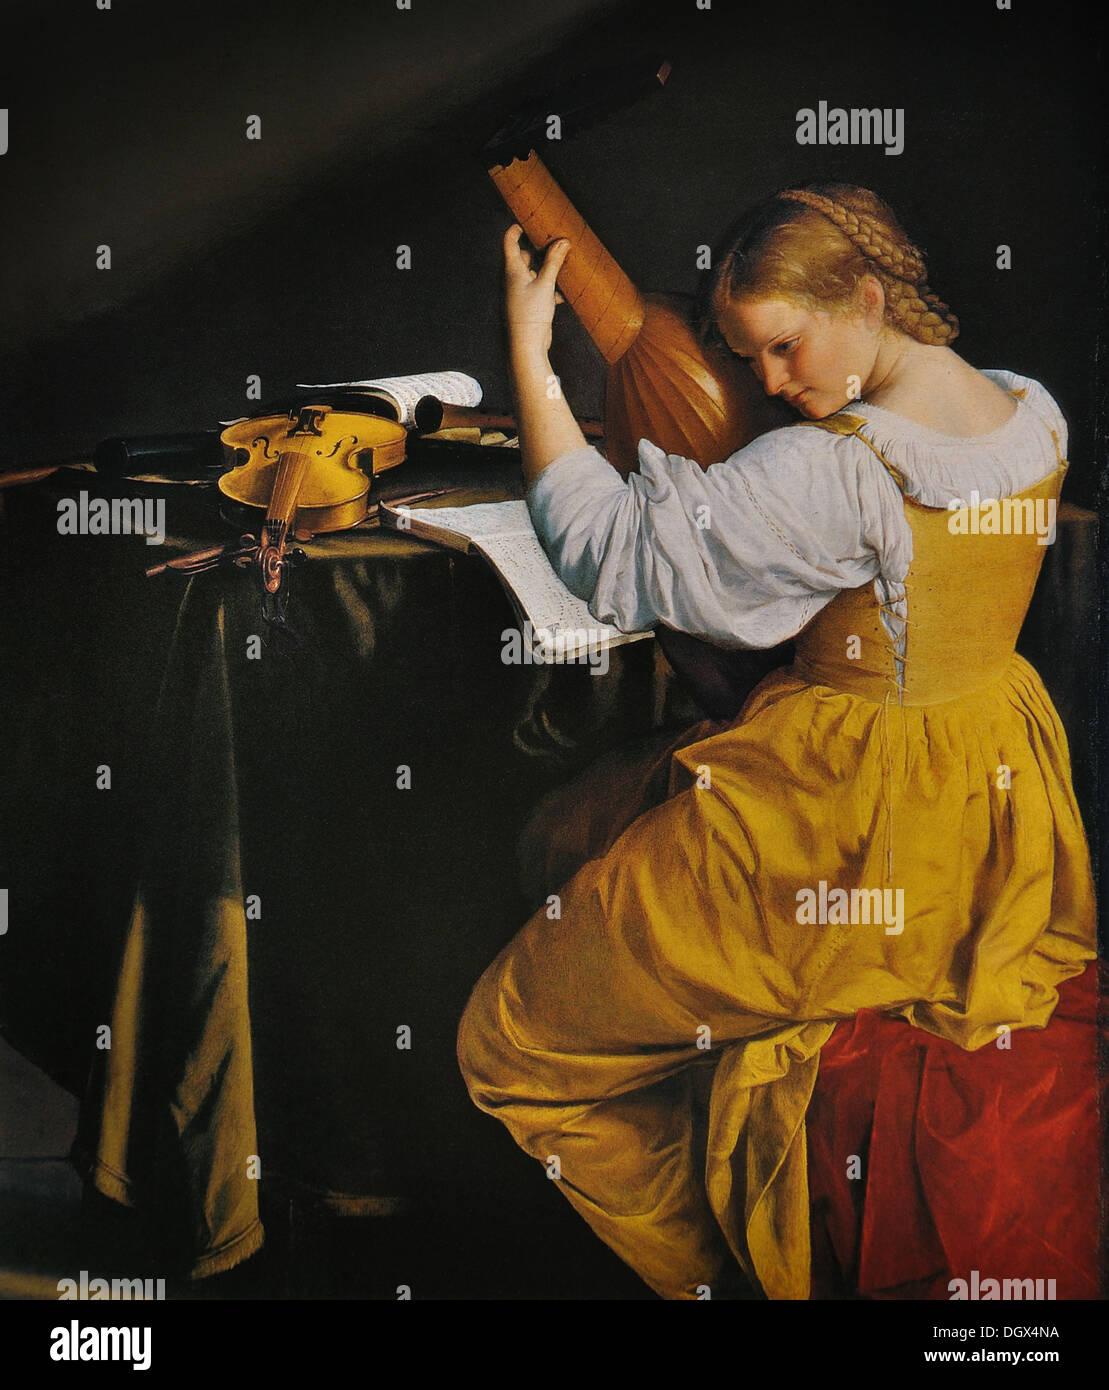 The Lute Player - by Orazio Gentileschi, 1610 - Stock Image